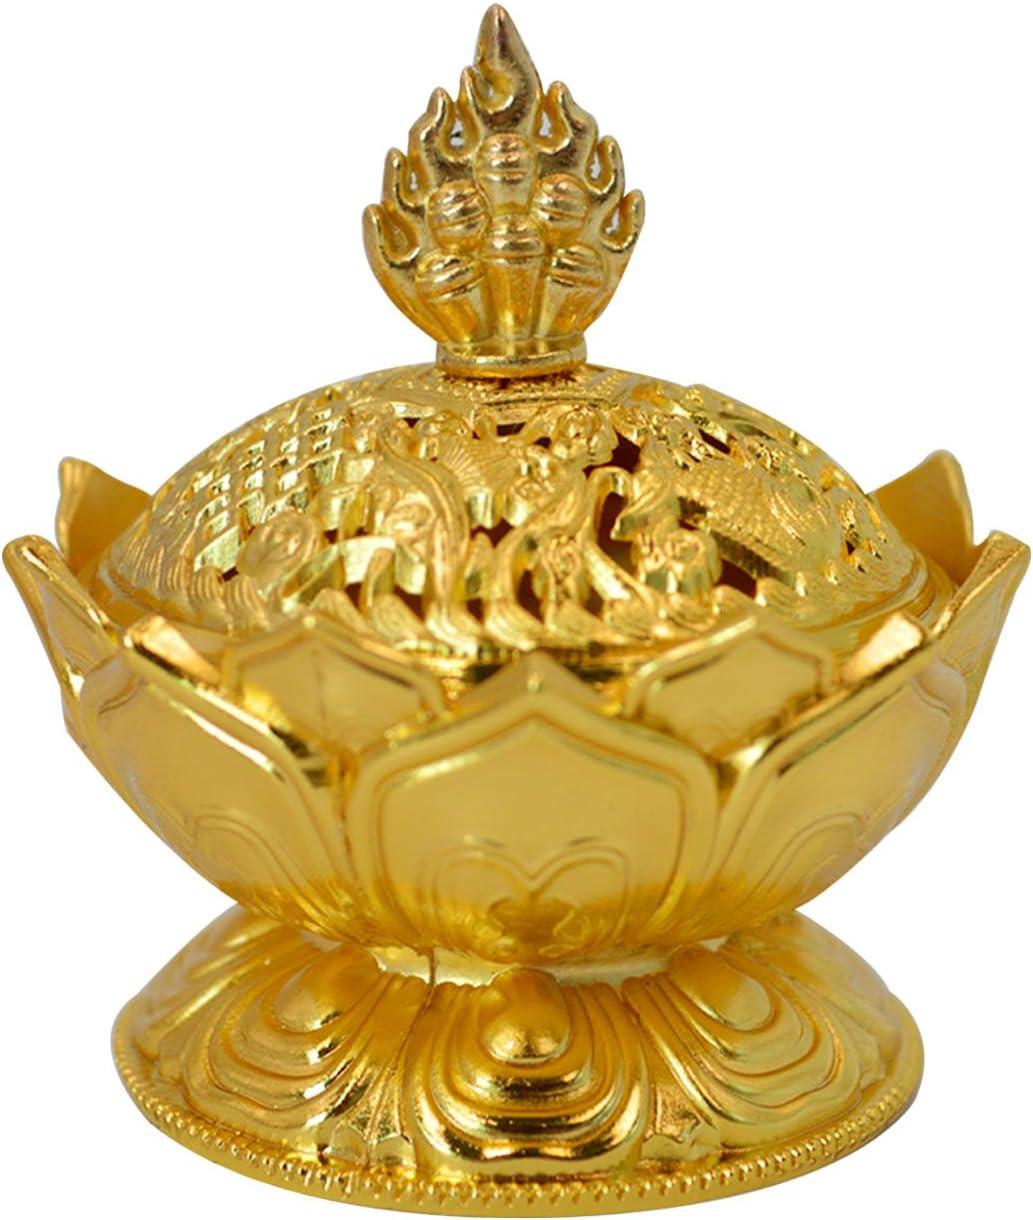 Buddha Lotus Flower Incense Burner Alloy Metal Incense Holder Censer Creative (Gold)